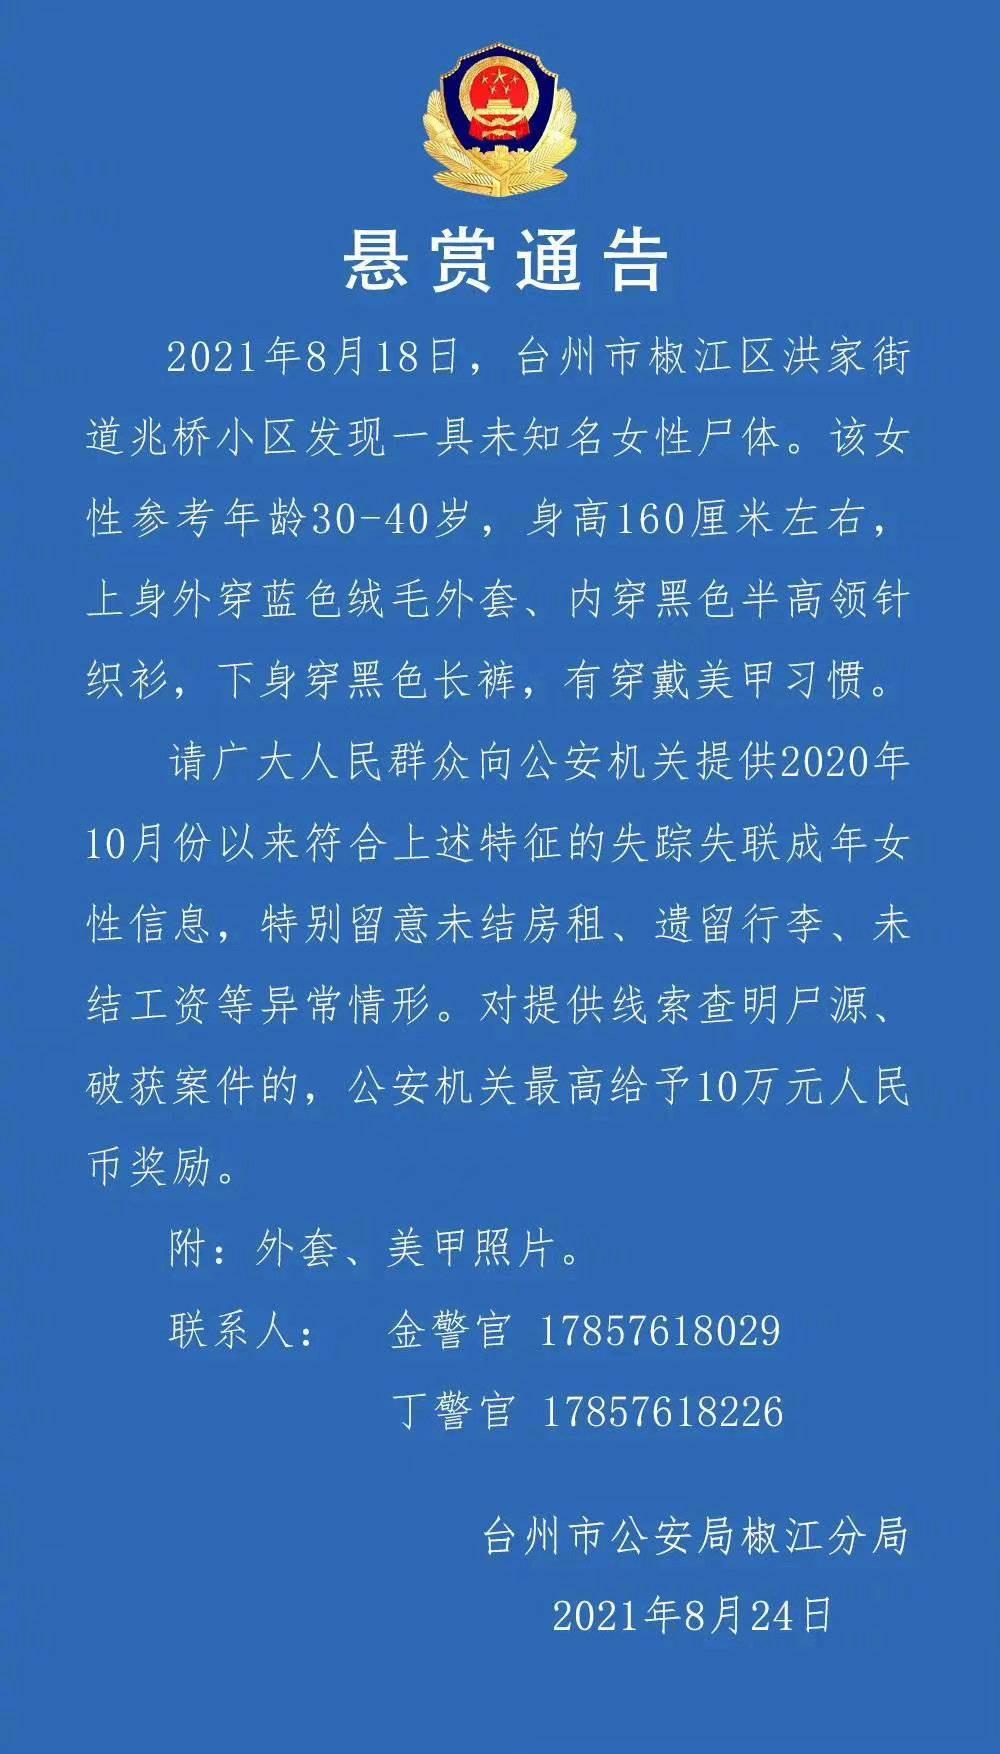 浙江台州一小区发现无名女尸:生前有穿戴美甲习惯 警方悬赏10万征线索